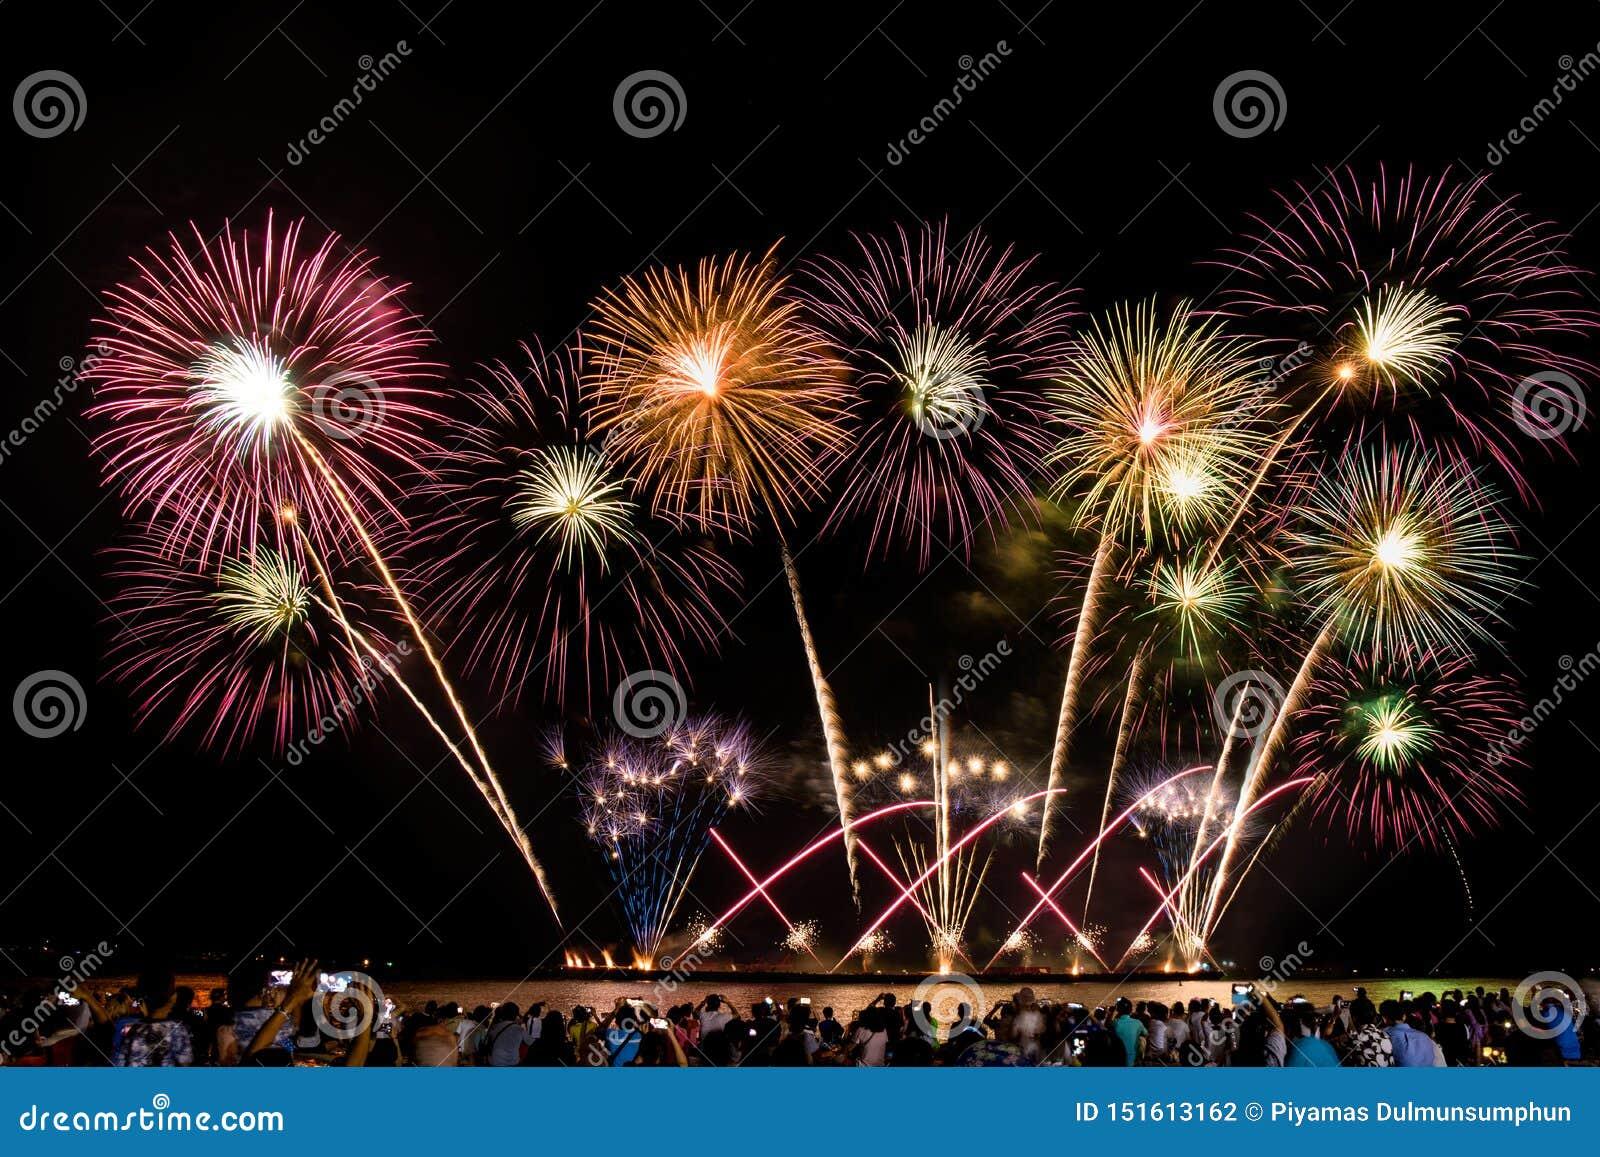 Веселя толпа наблюдая красочные фейерверки и празднуя на пляже во время фестиваля